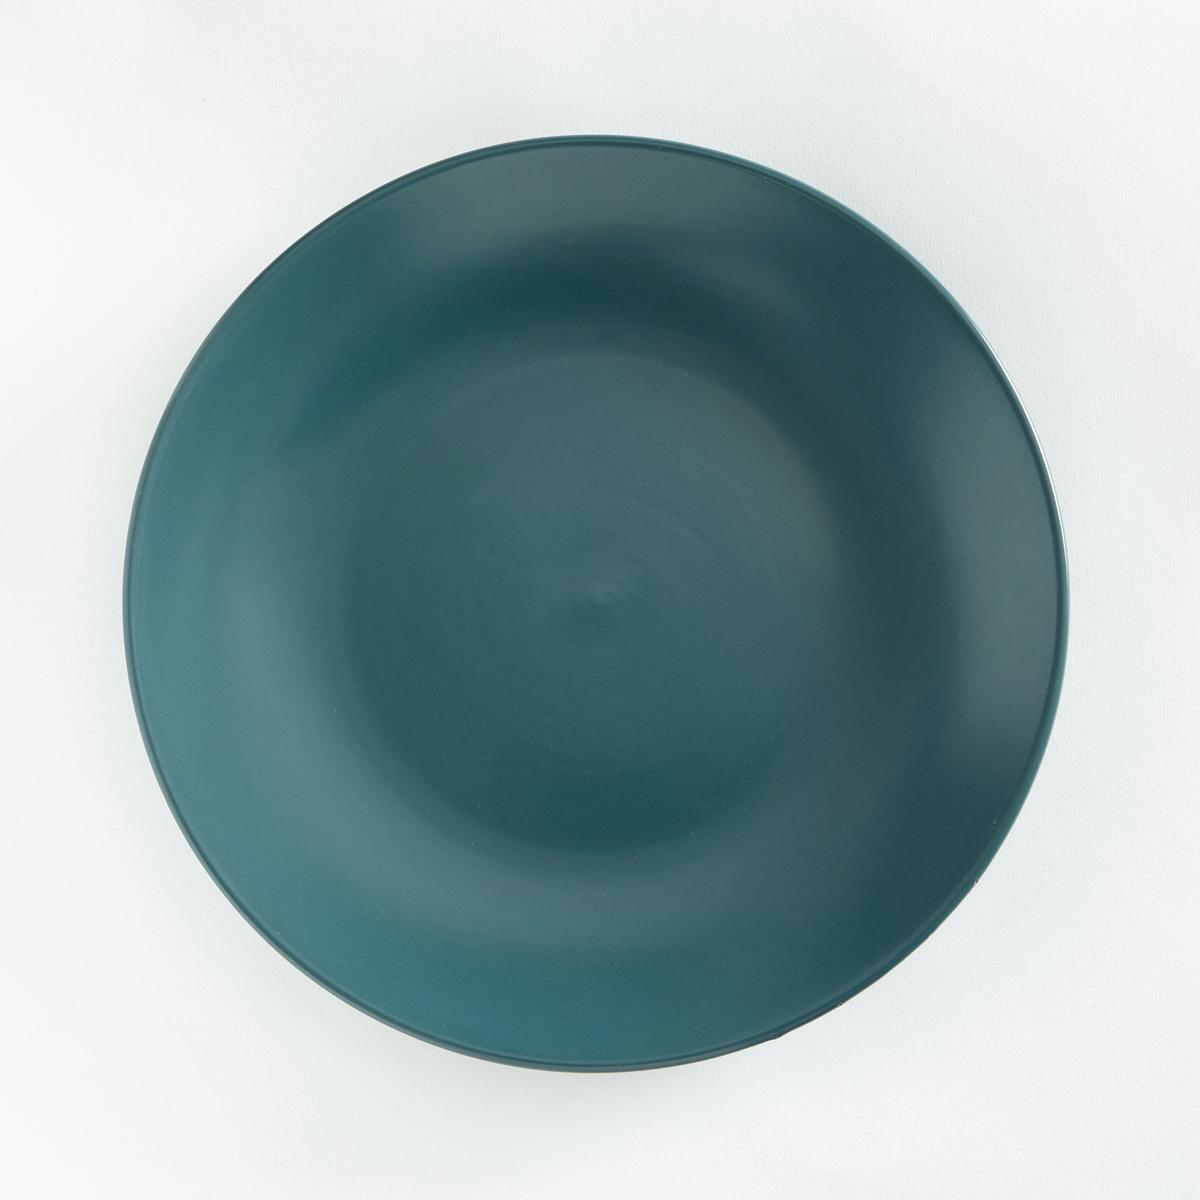 Комплект из плоских тарелок La Redoute Из фаянса с матовой отделкой MELYA единый размер синий